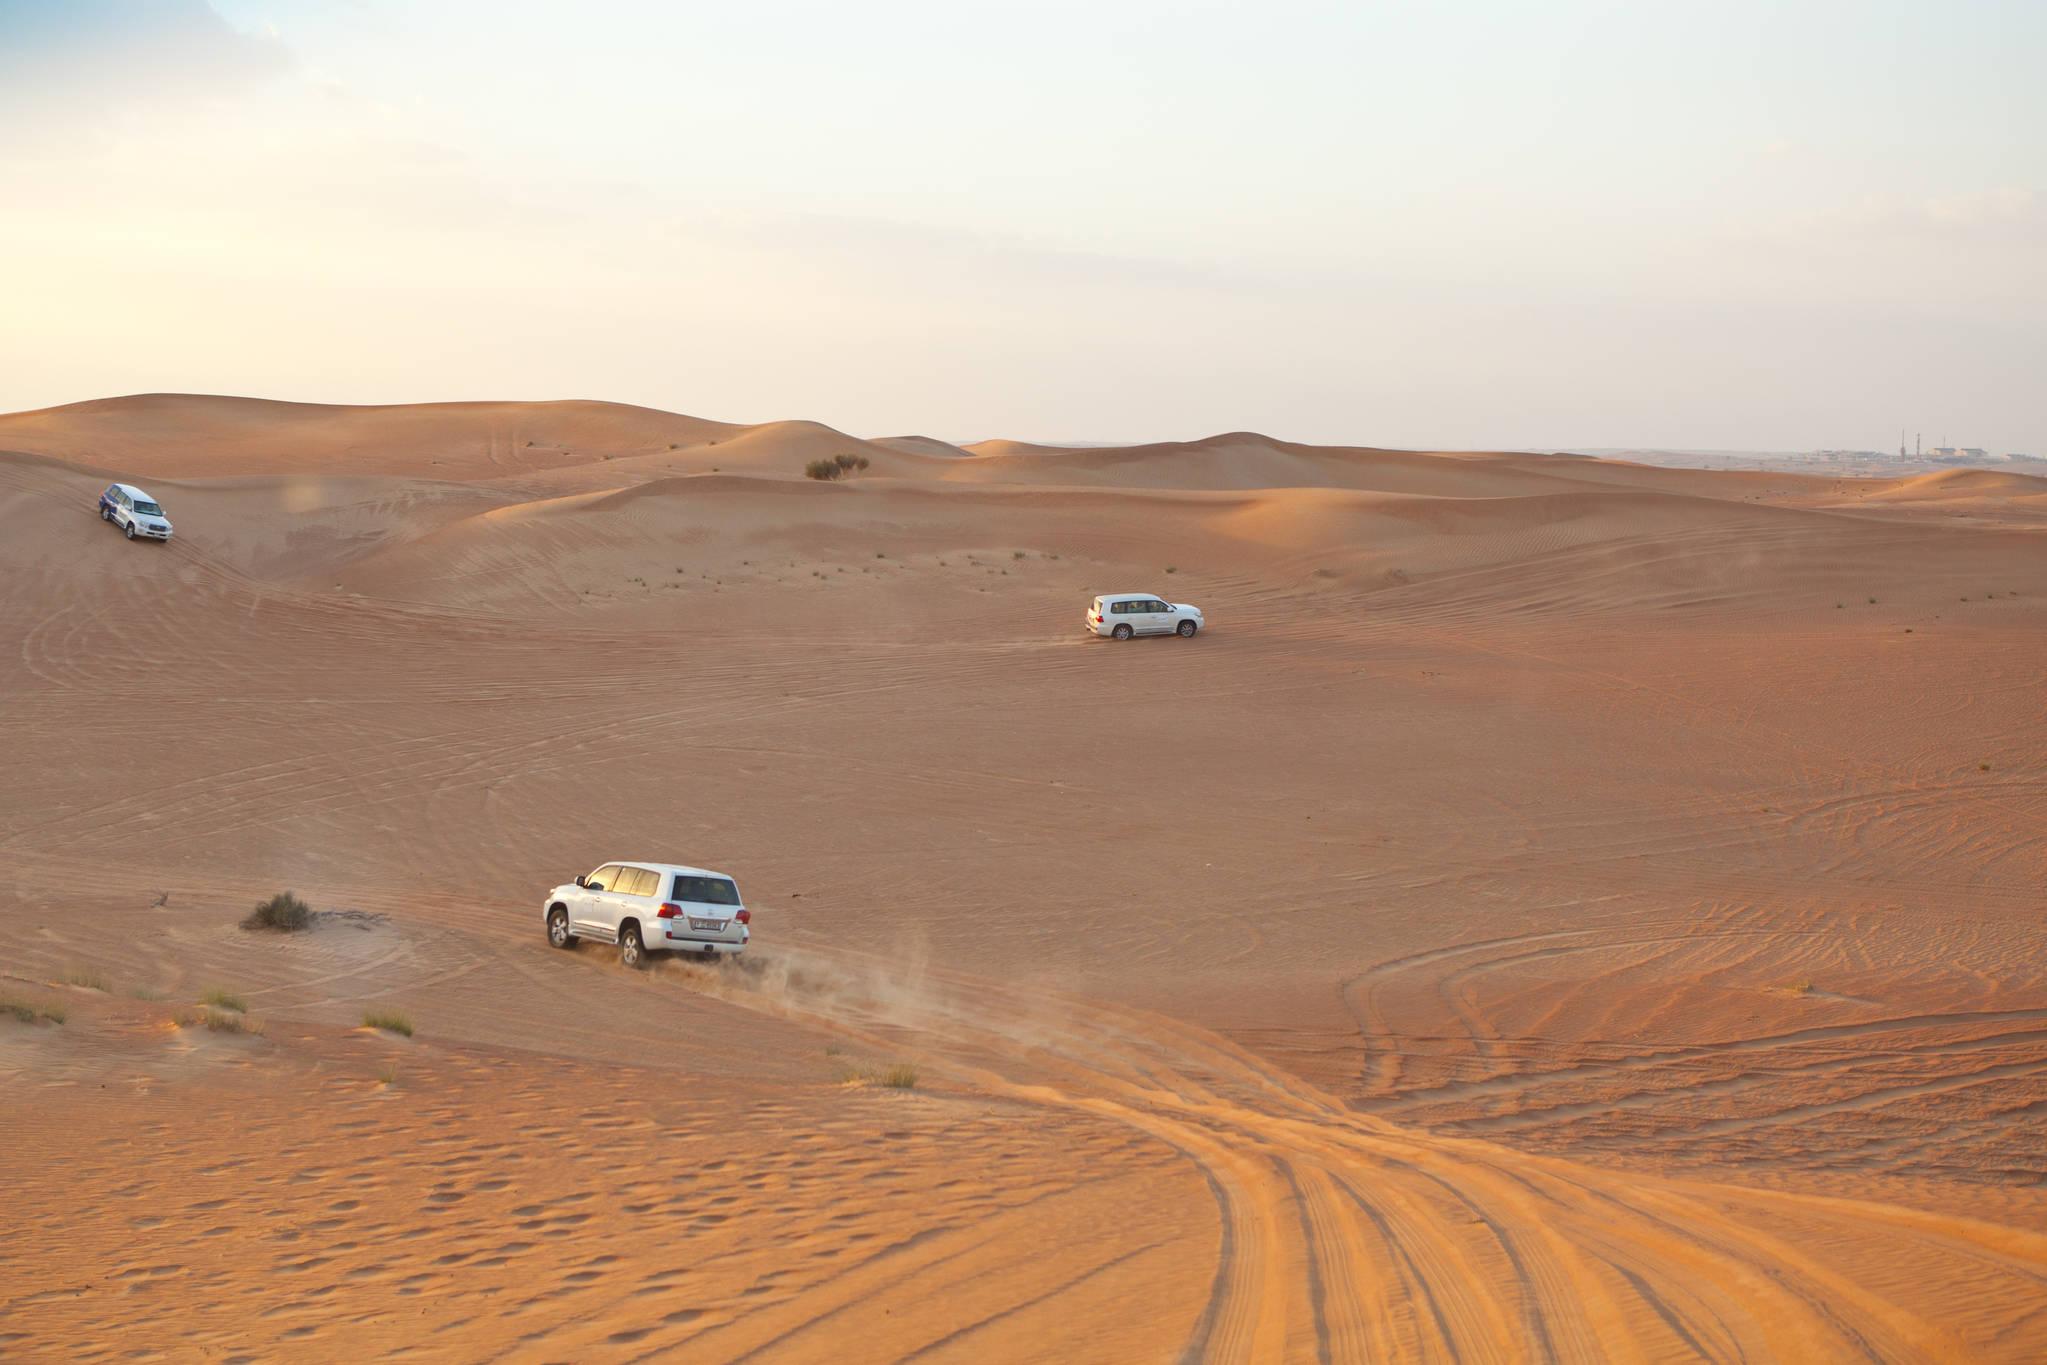 사륜구동차를 타고 사막을 질주하는 듄 베이싱. 두바이에서 놓치지 말아야 할 재미거리다.